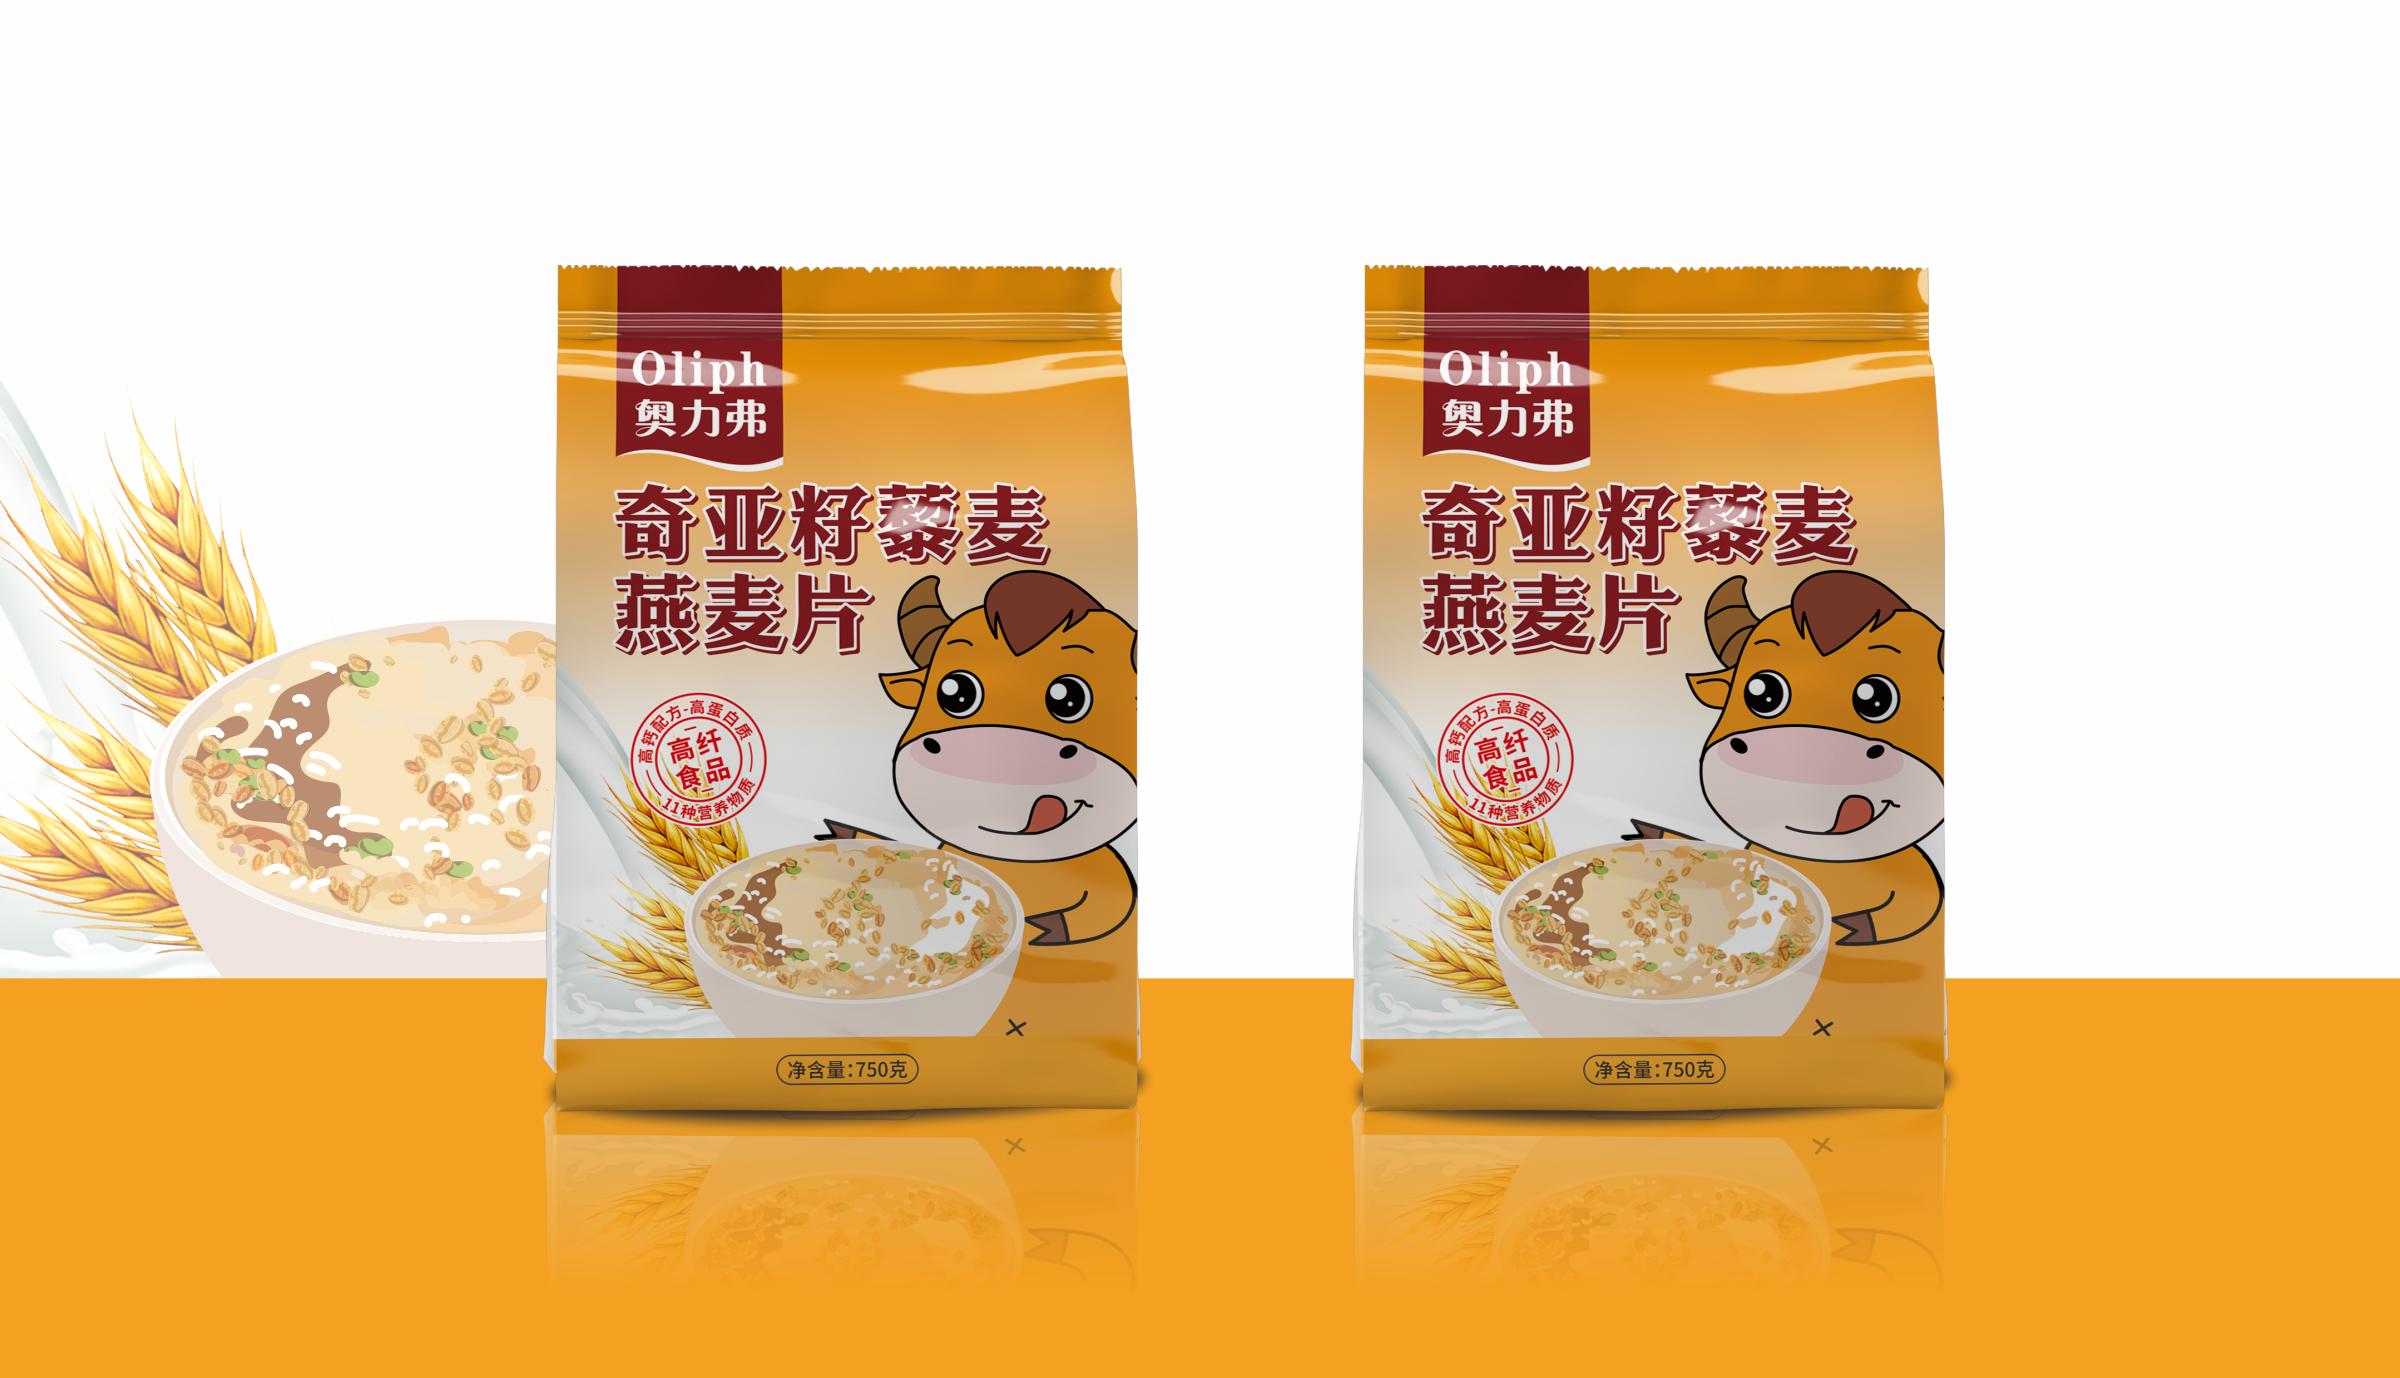 包装设计包装袋设计食品包装产品包装设计特产建材医药零售百货